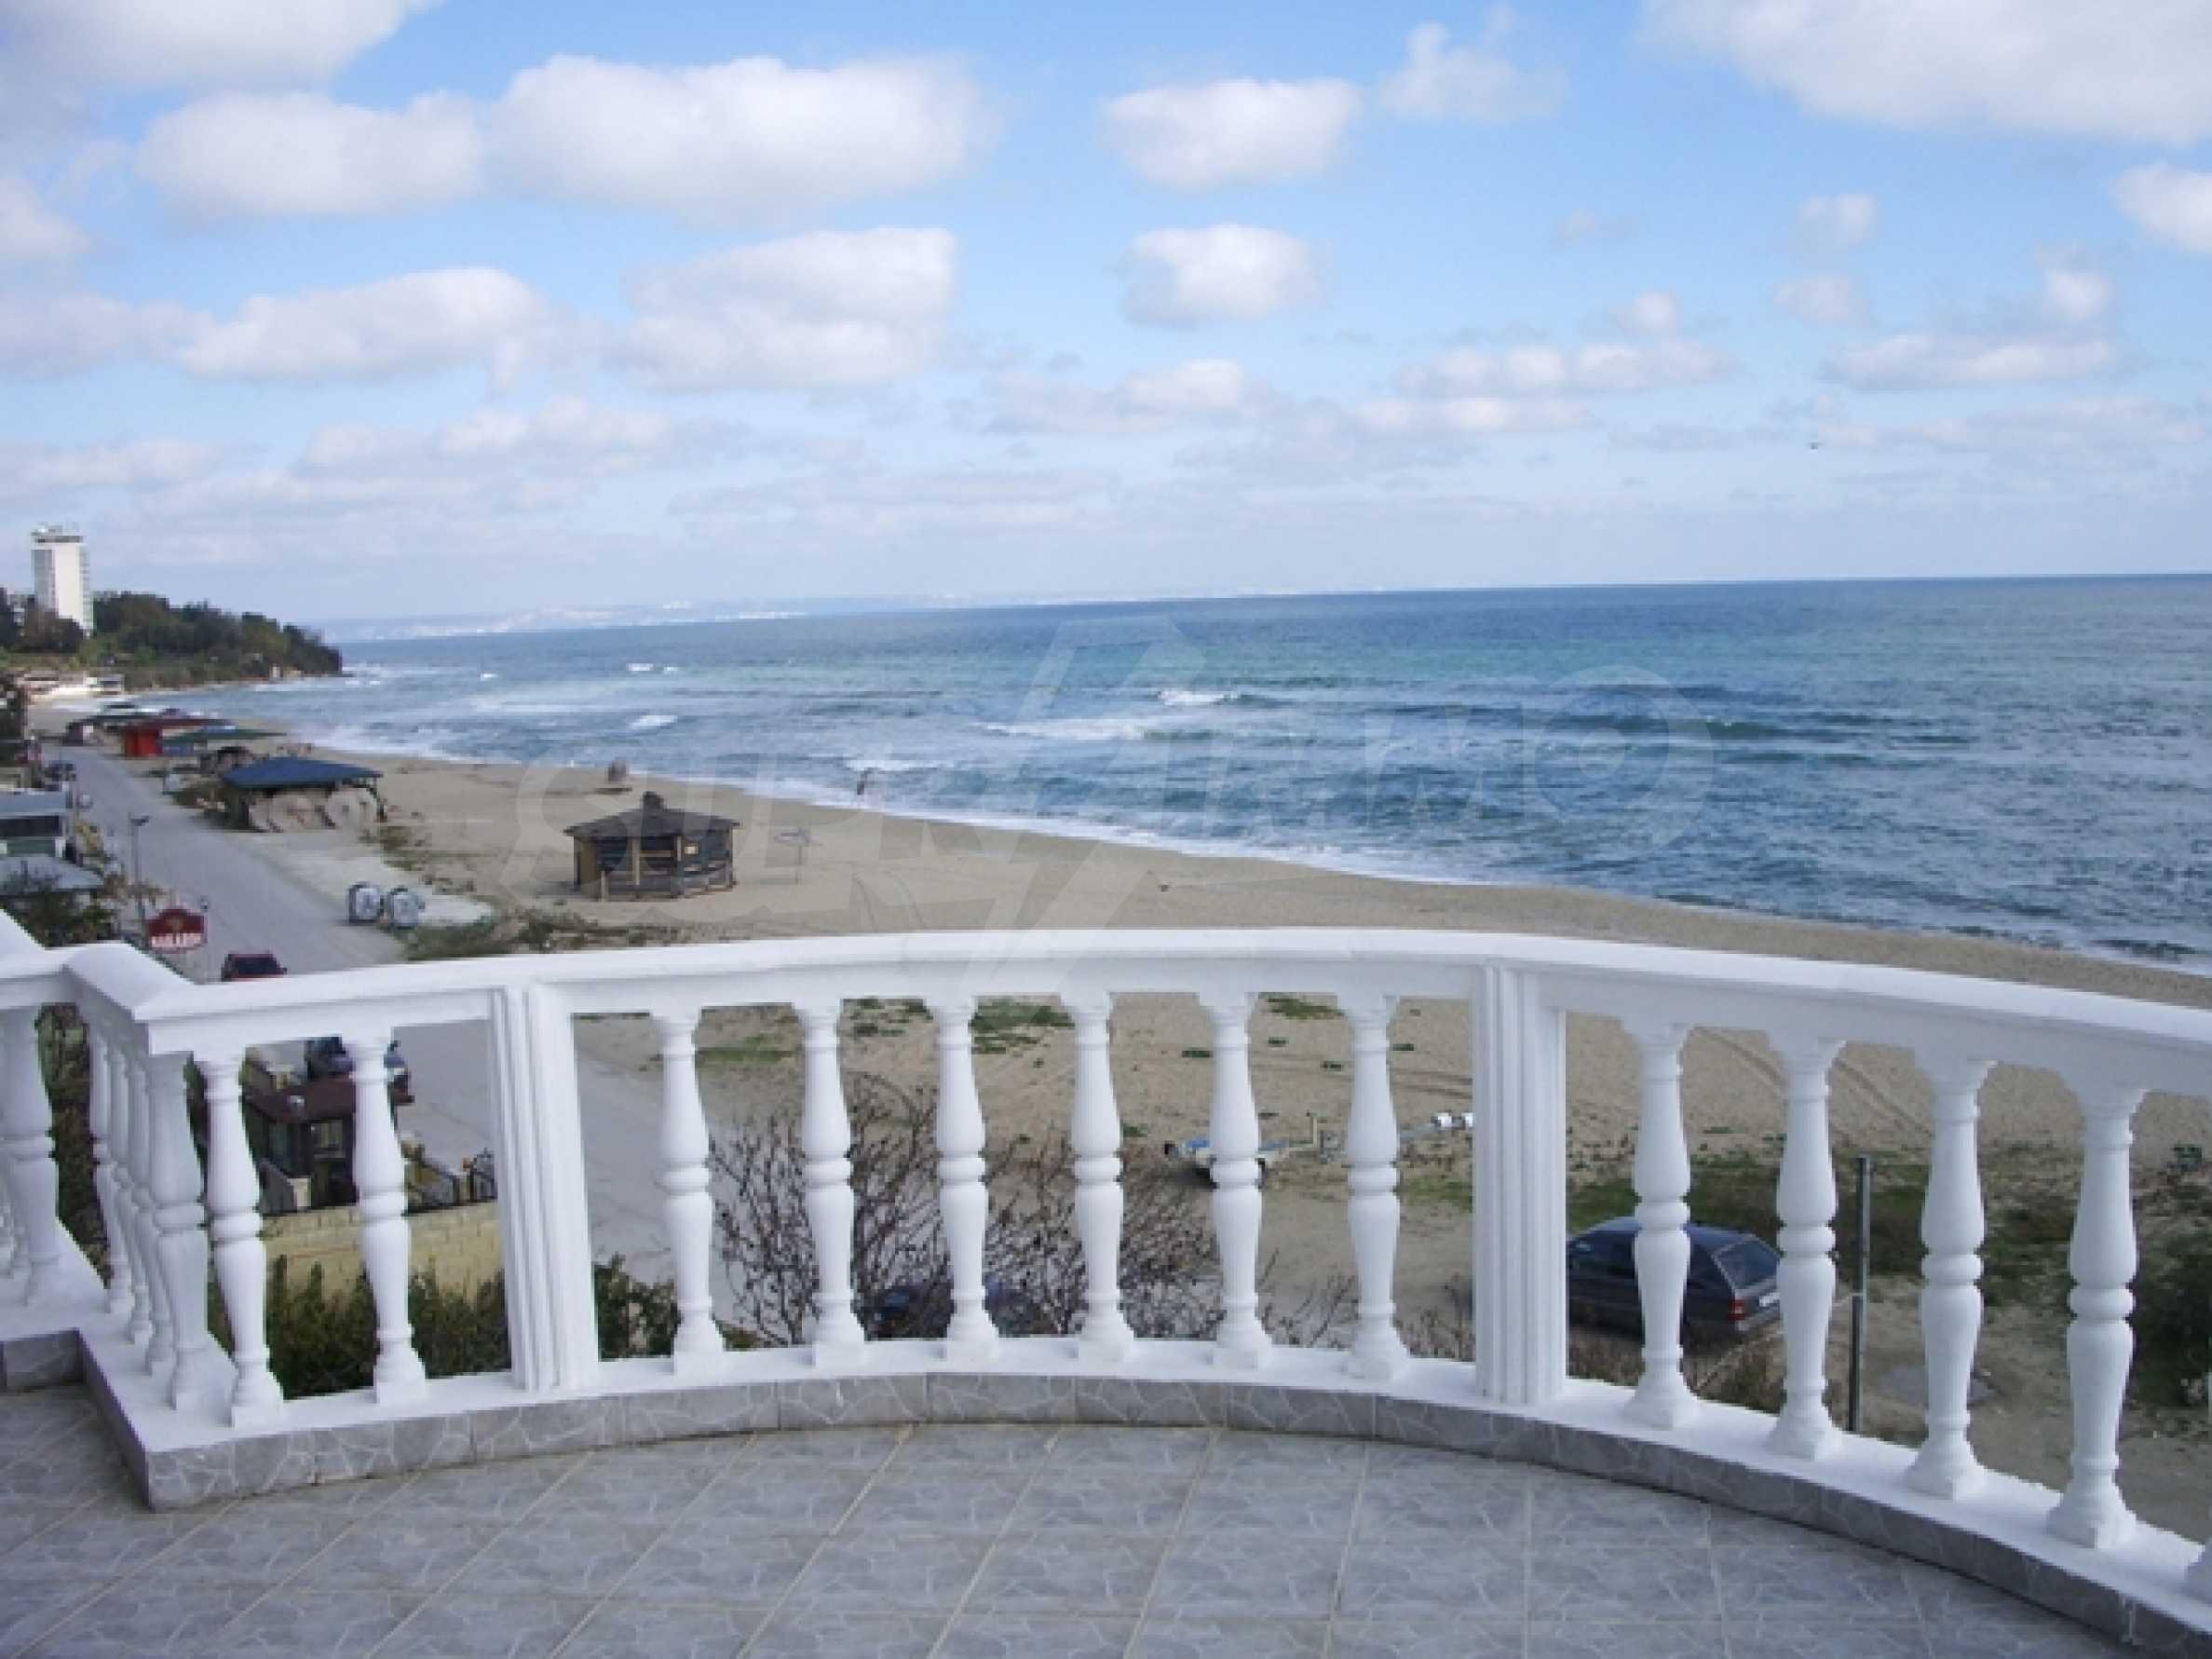 Семеен хотел и хотел-ресторант на първа линия море, до плаж Кабакум 12